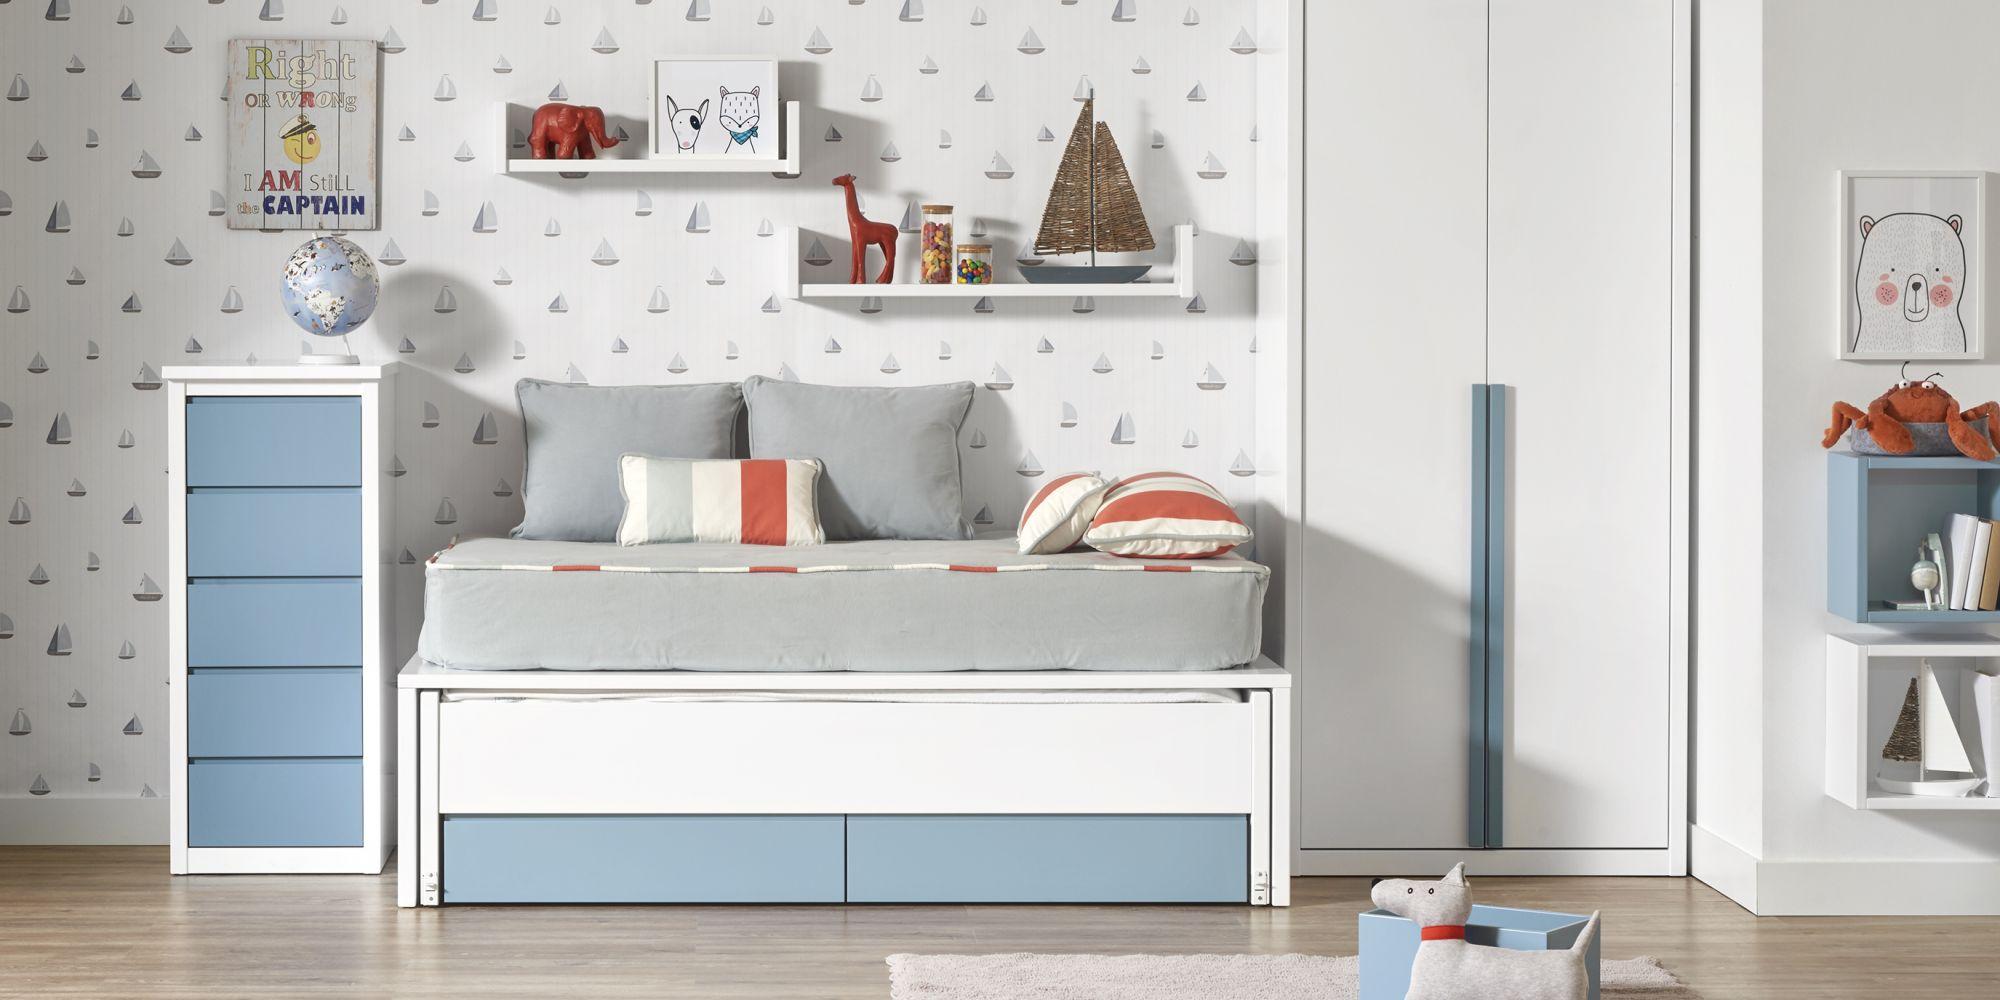 Dormitorio de niño con cama y armario